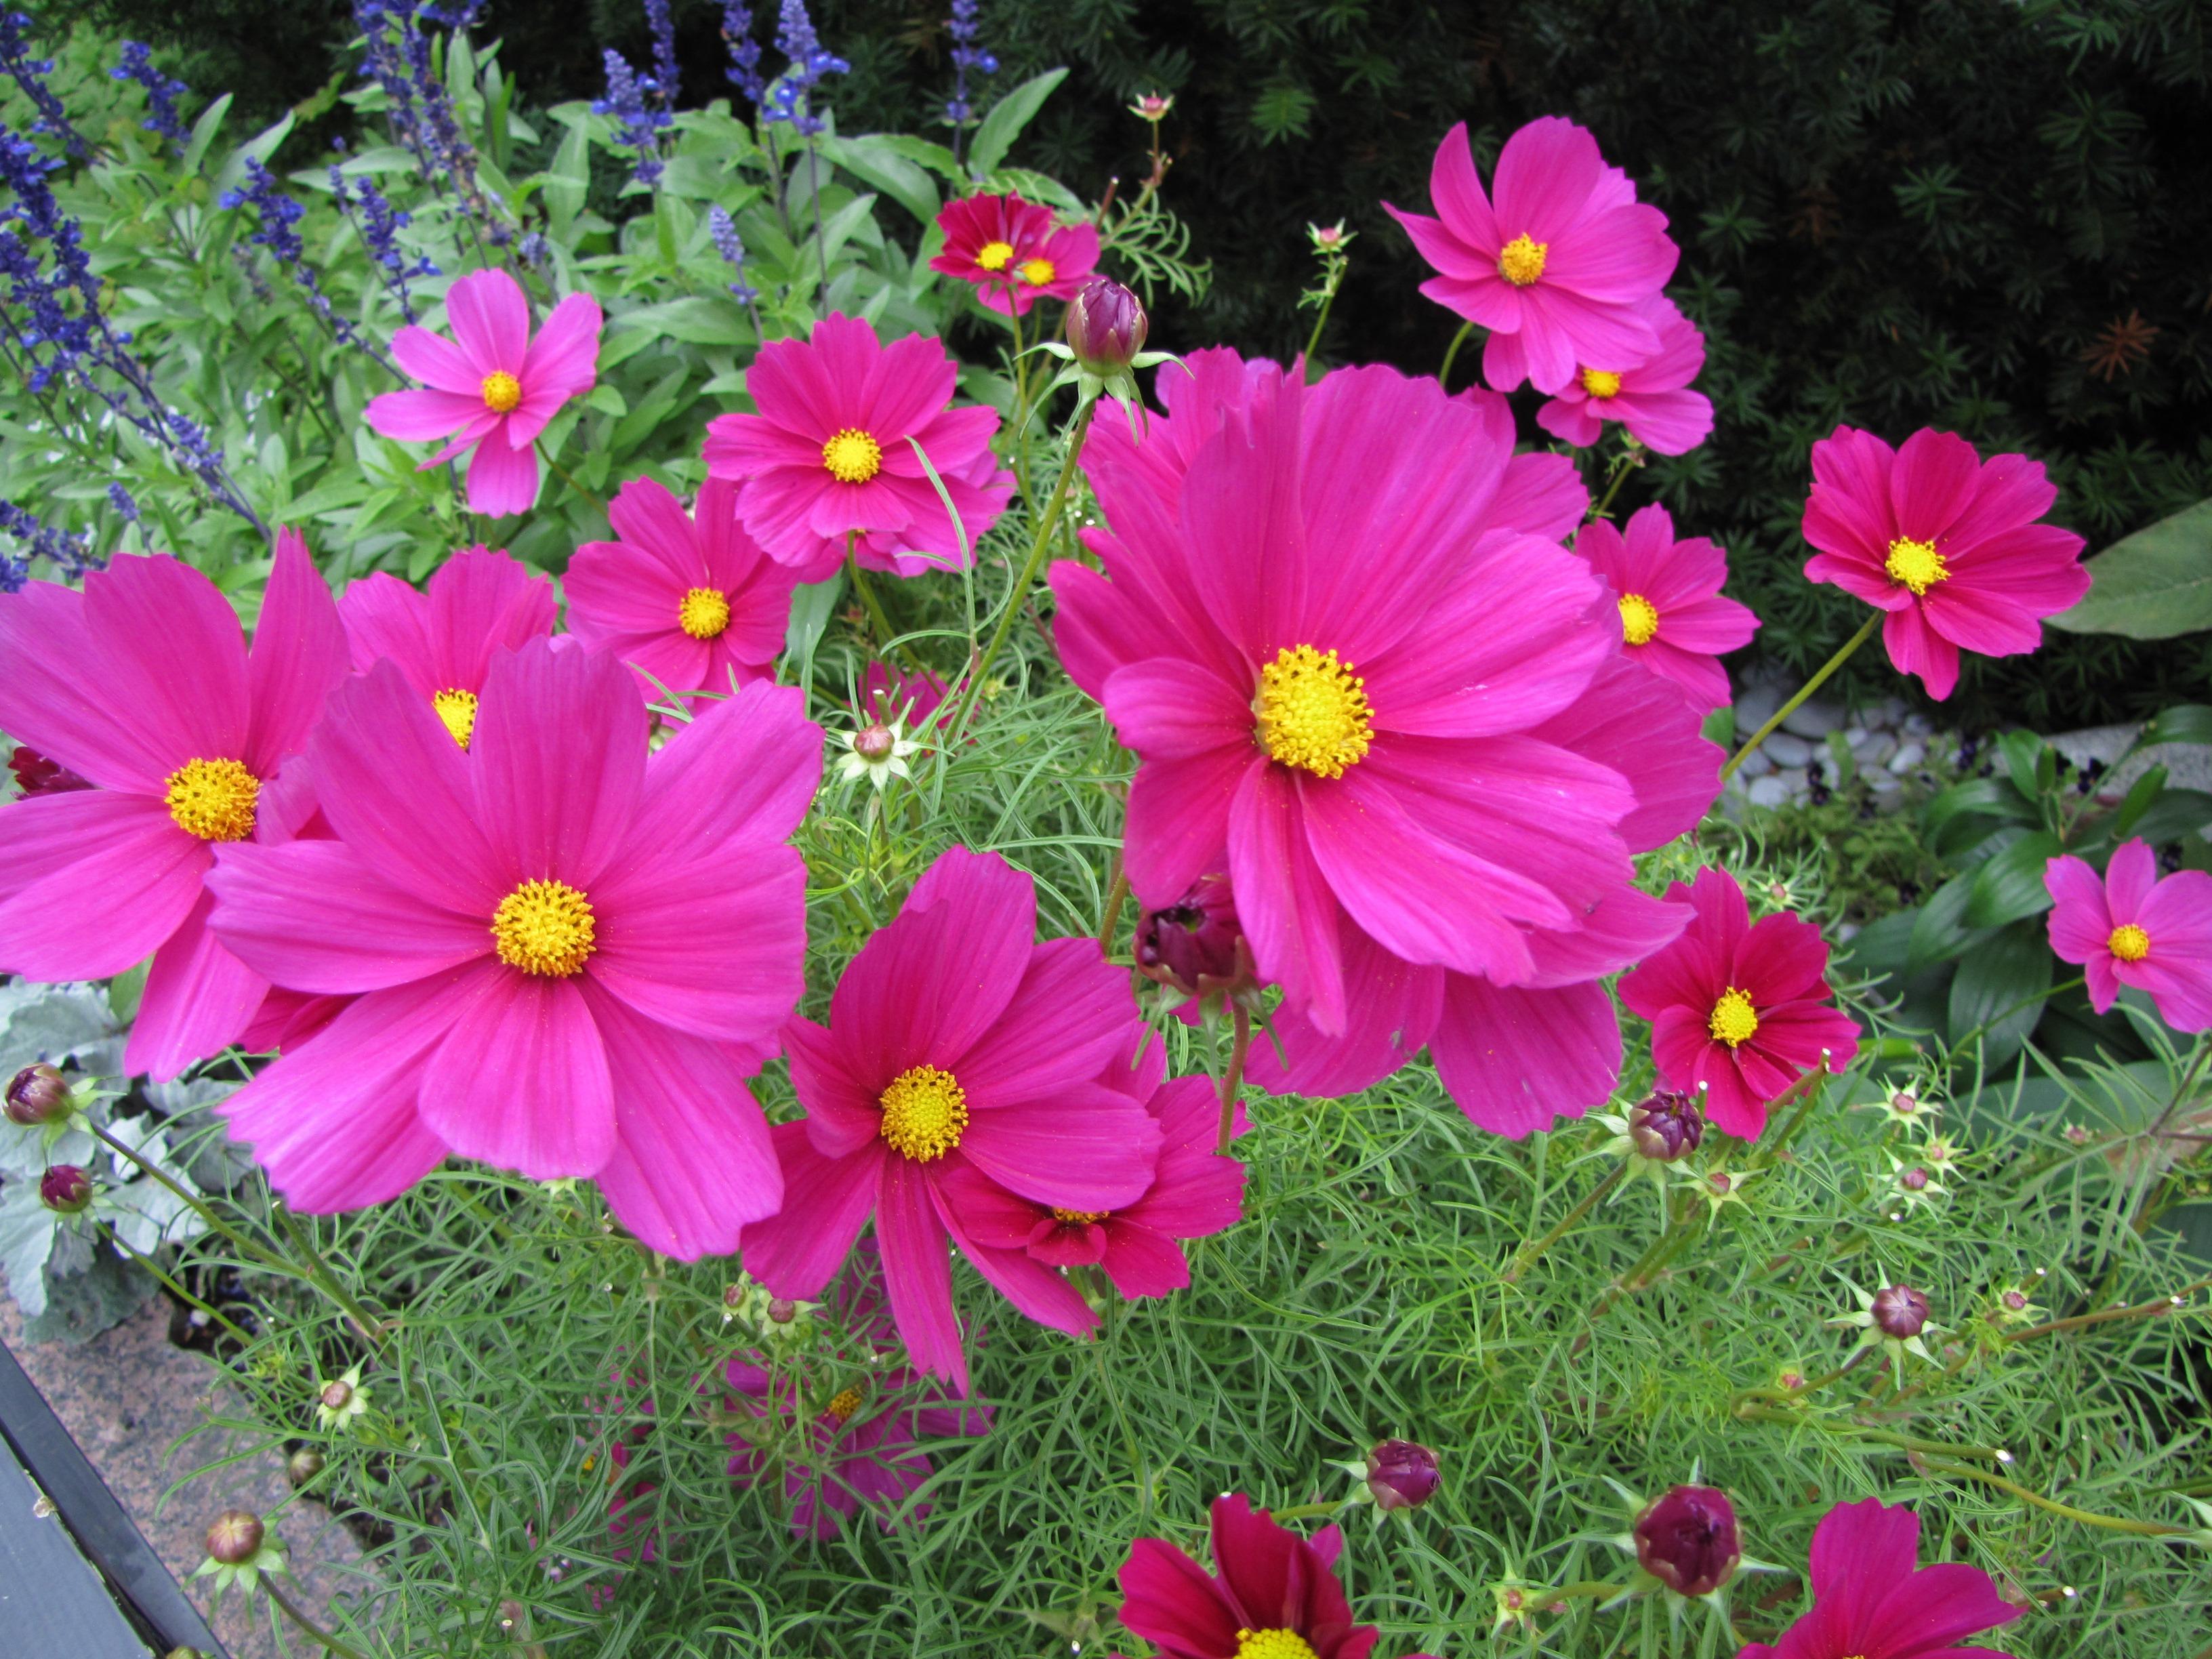 Gambar Menanam Daun Bunga Berwarna Merah Muda Flora Tanaman Hias Tanaman Berbunga Bunga Kosmos Keluarga Daisy Tanaman Tahunan Tanaman Tanah Marguerite Daisy Kosmos Taman 3264x2448 1123727 Galeri Foto Pxhere